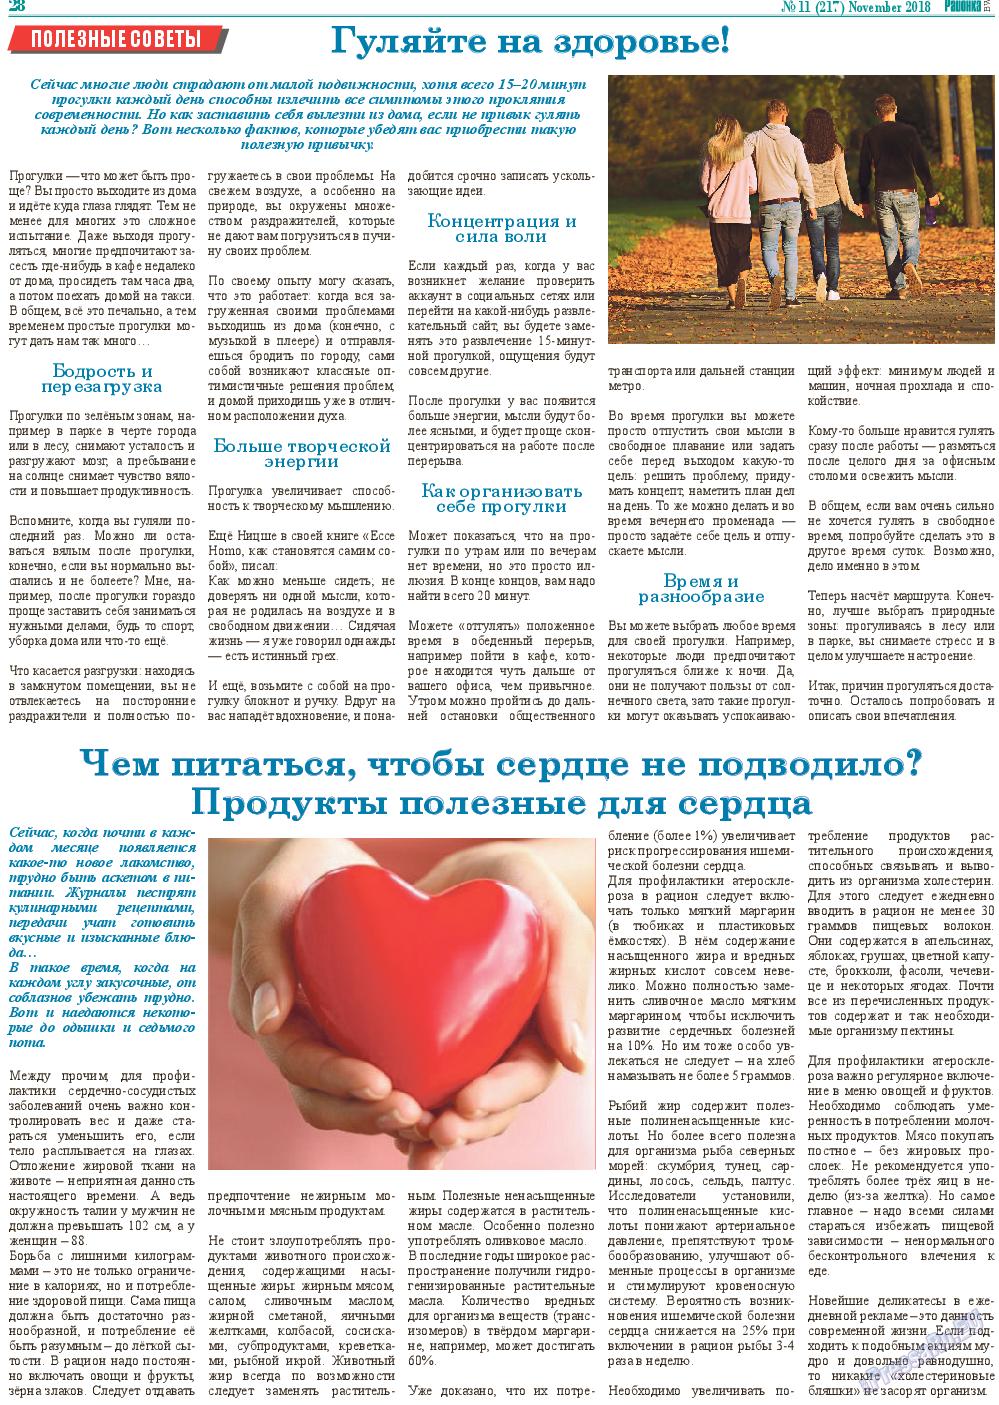 Районка-West (газета). 2018 год, номер 11, стр. 28